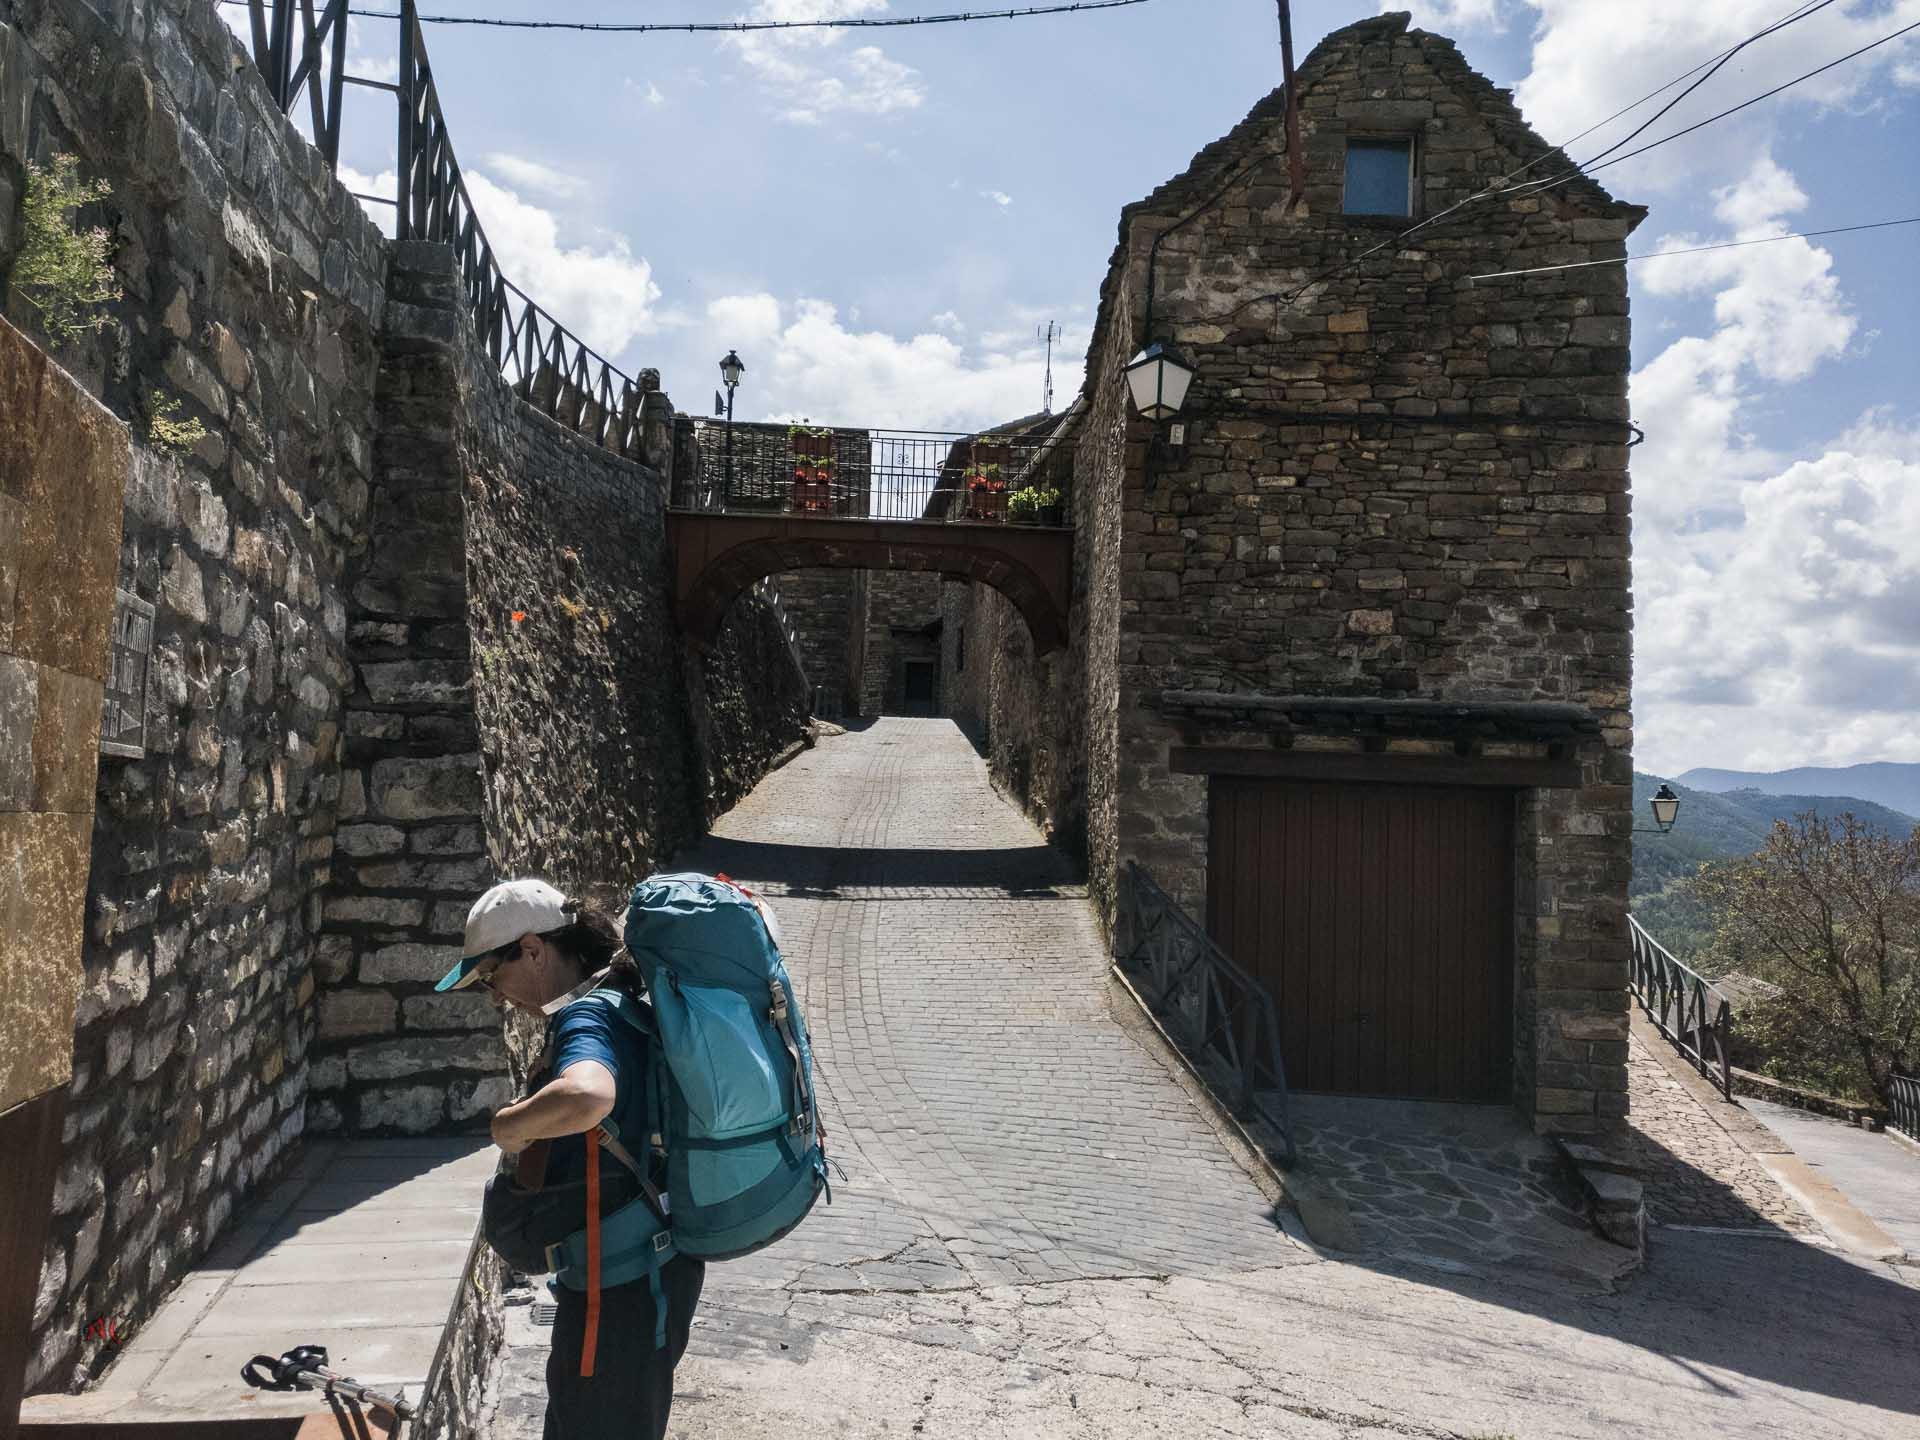 Galeria Fotografica de la Etapa del camino Aragones Somport a Jaca